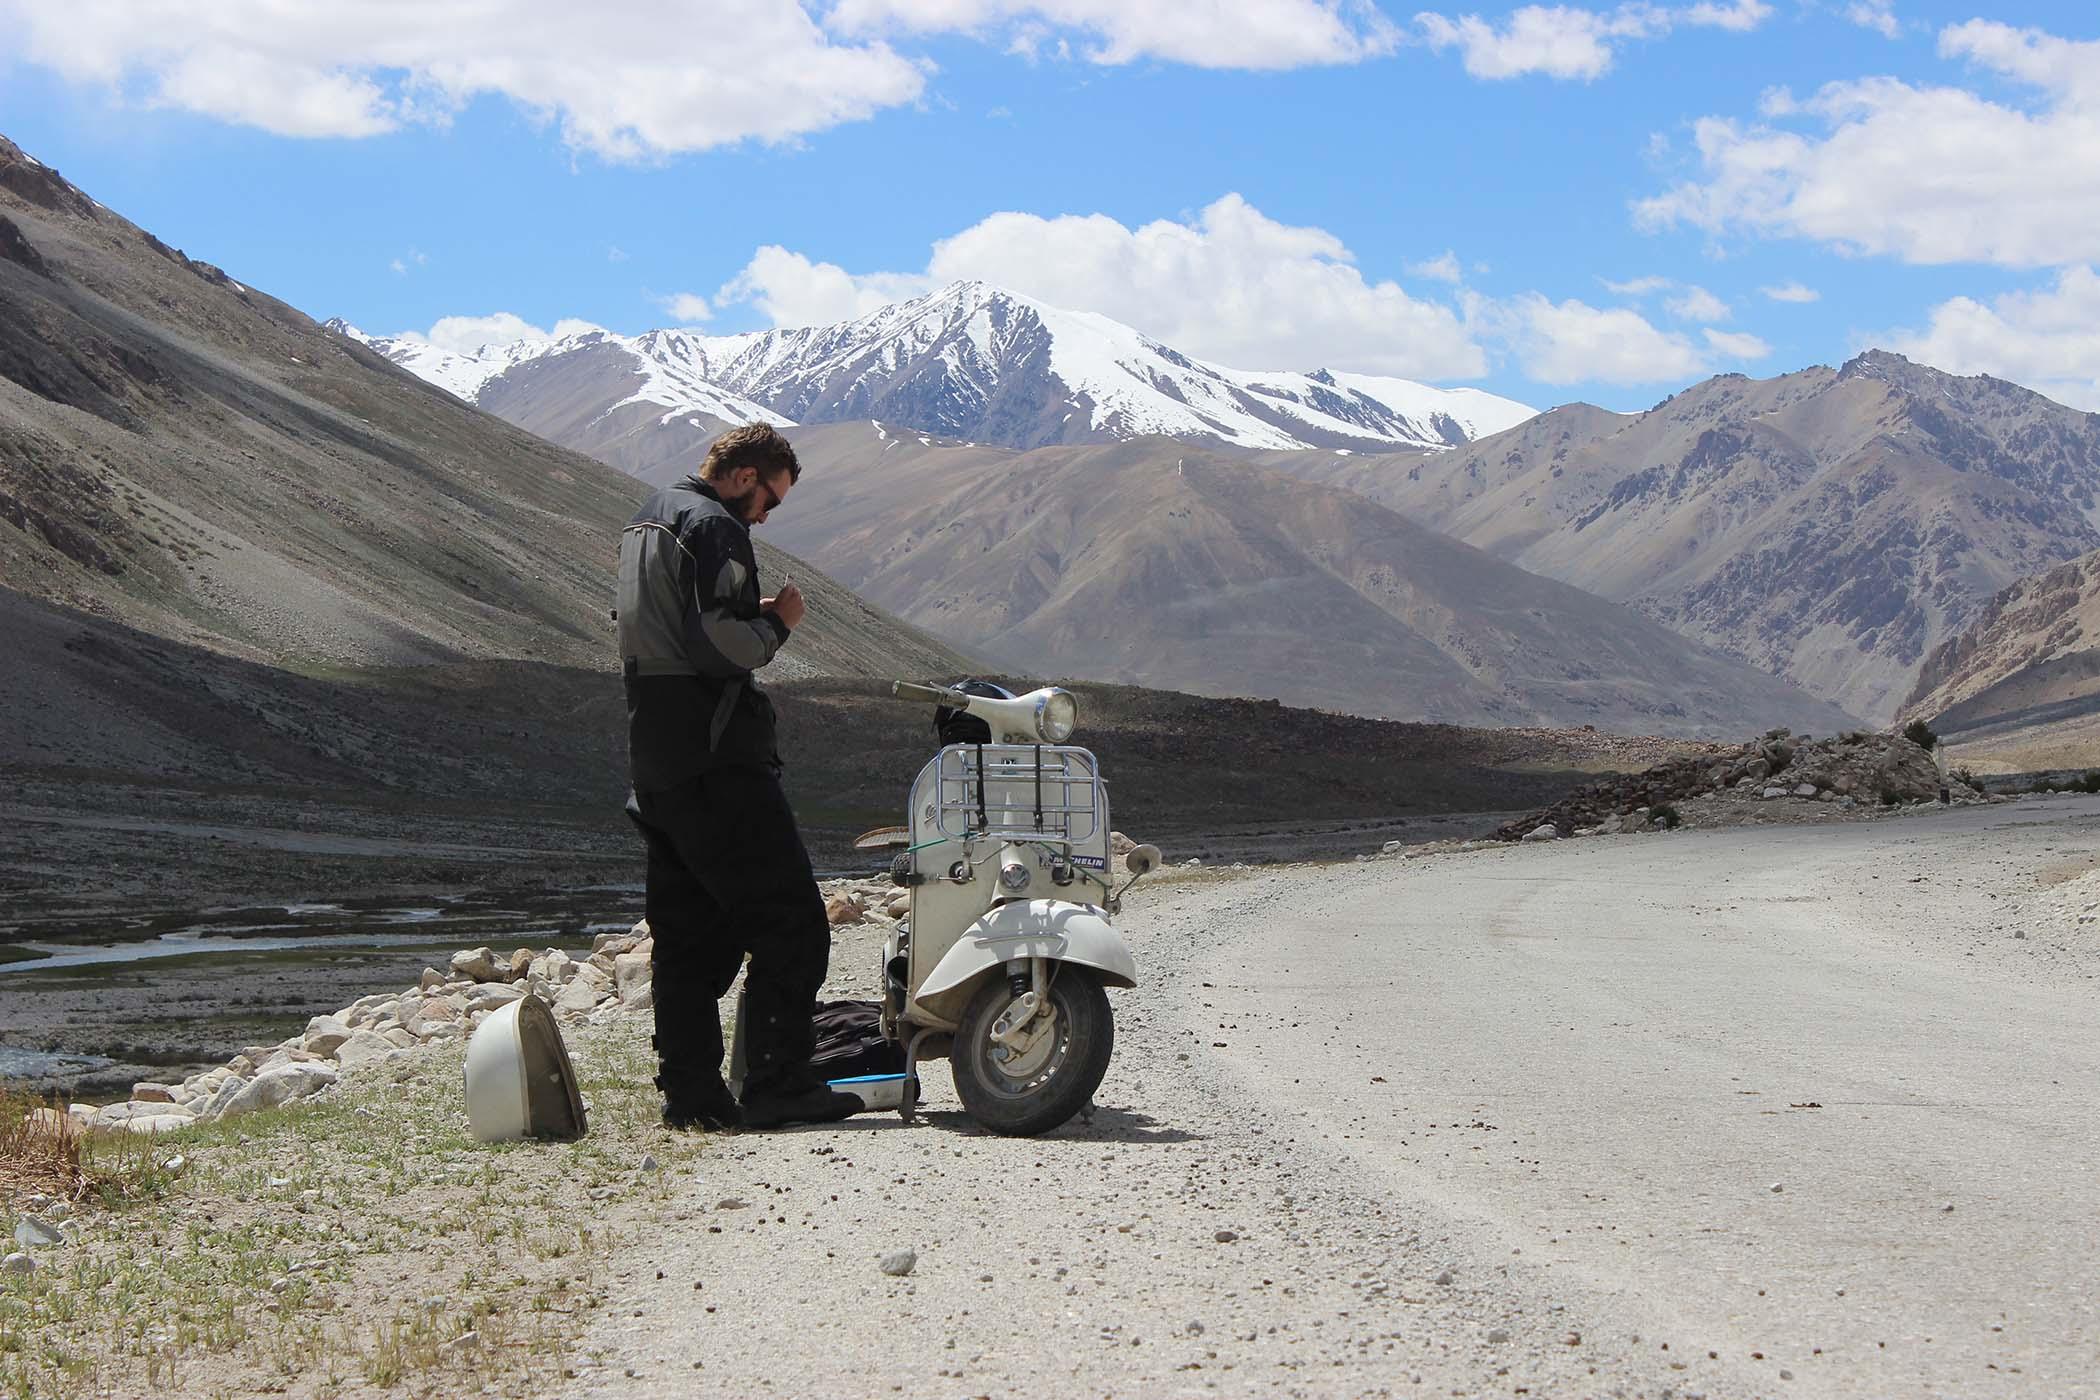 Tuning the Vespa in Tajikistan